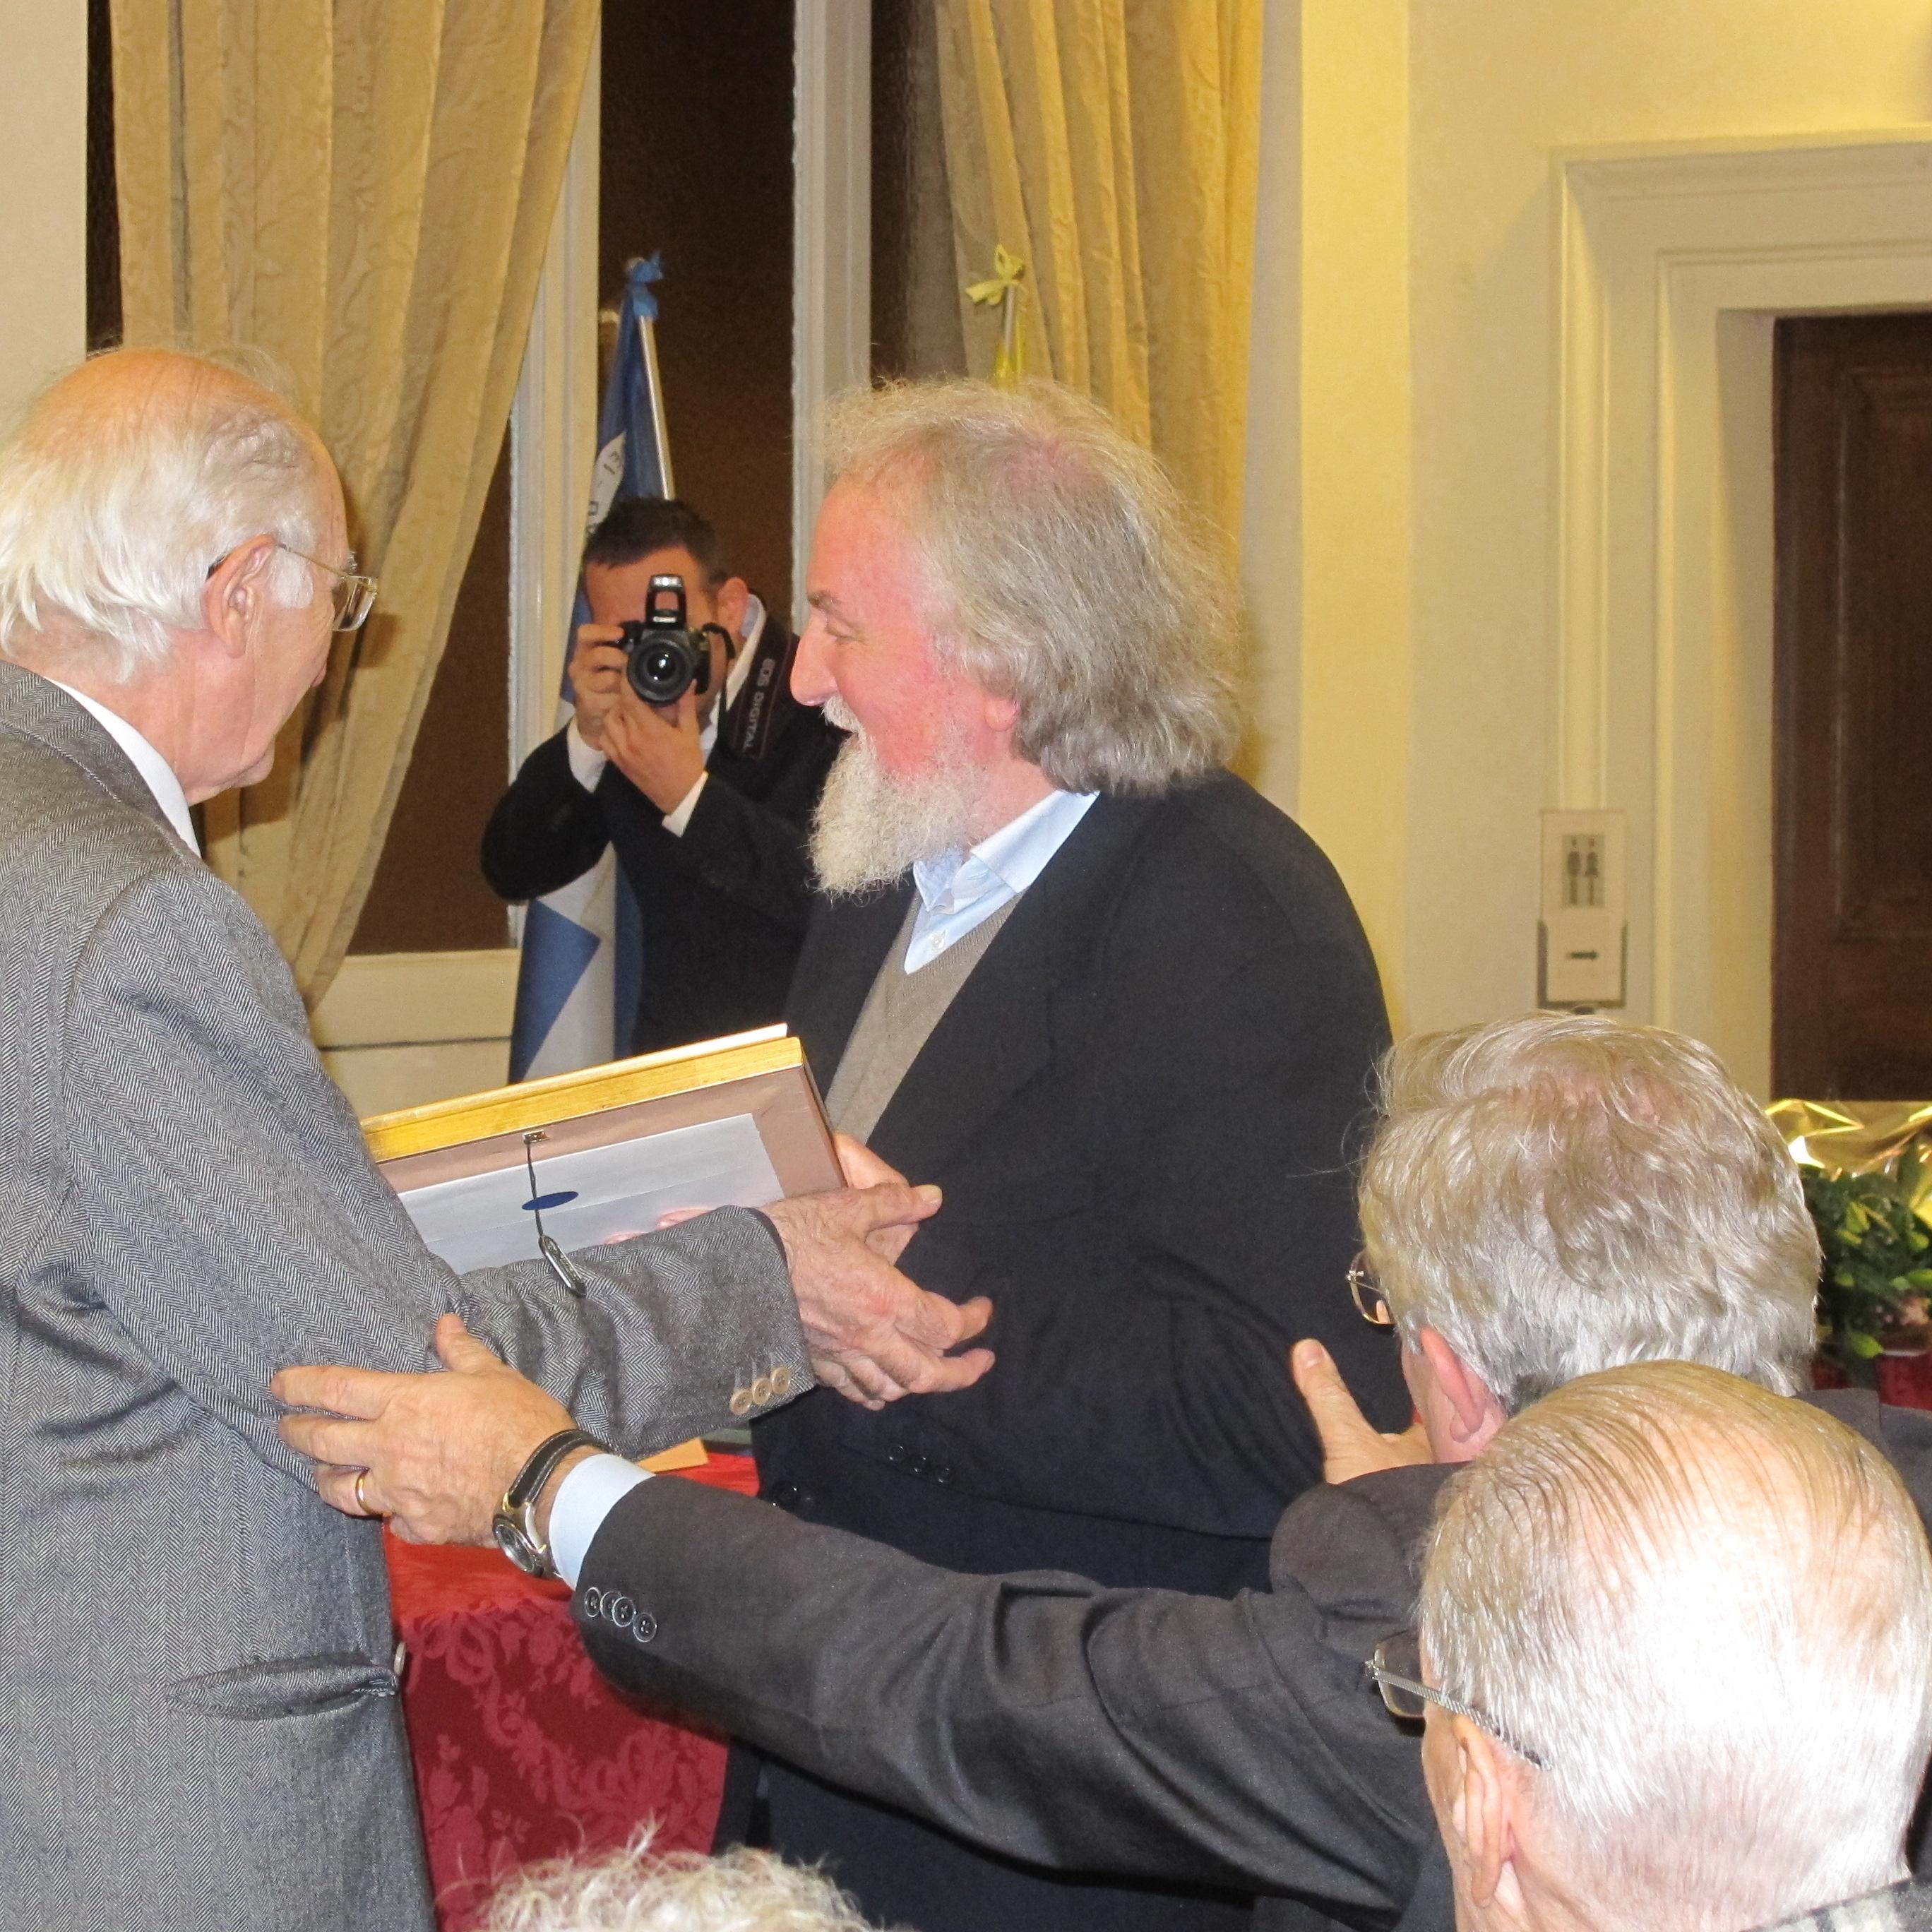 Giuseppe riceve il premio dal prof. Antonio Iodice. presidente dell'Istituto di Studi politici Pio V di Roma.